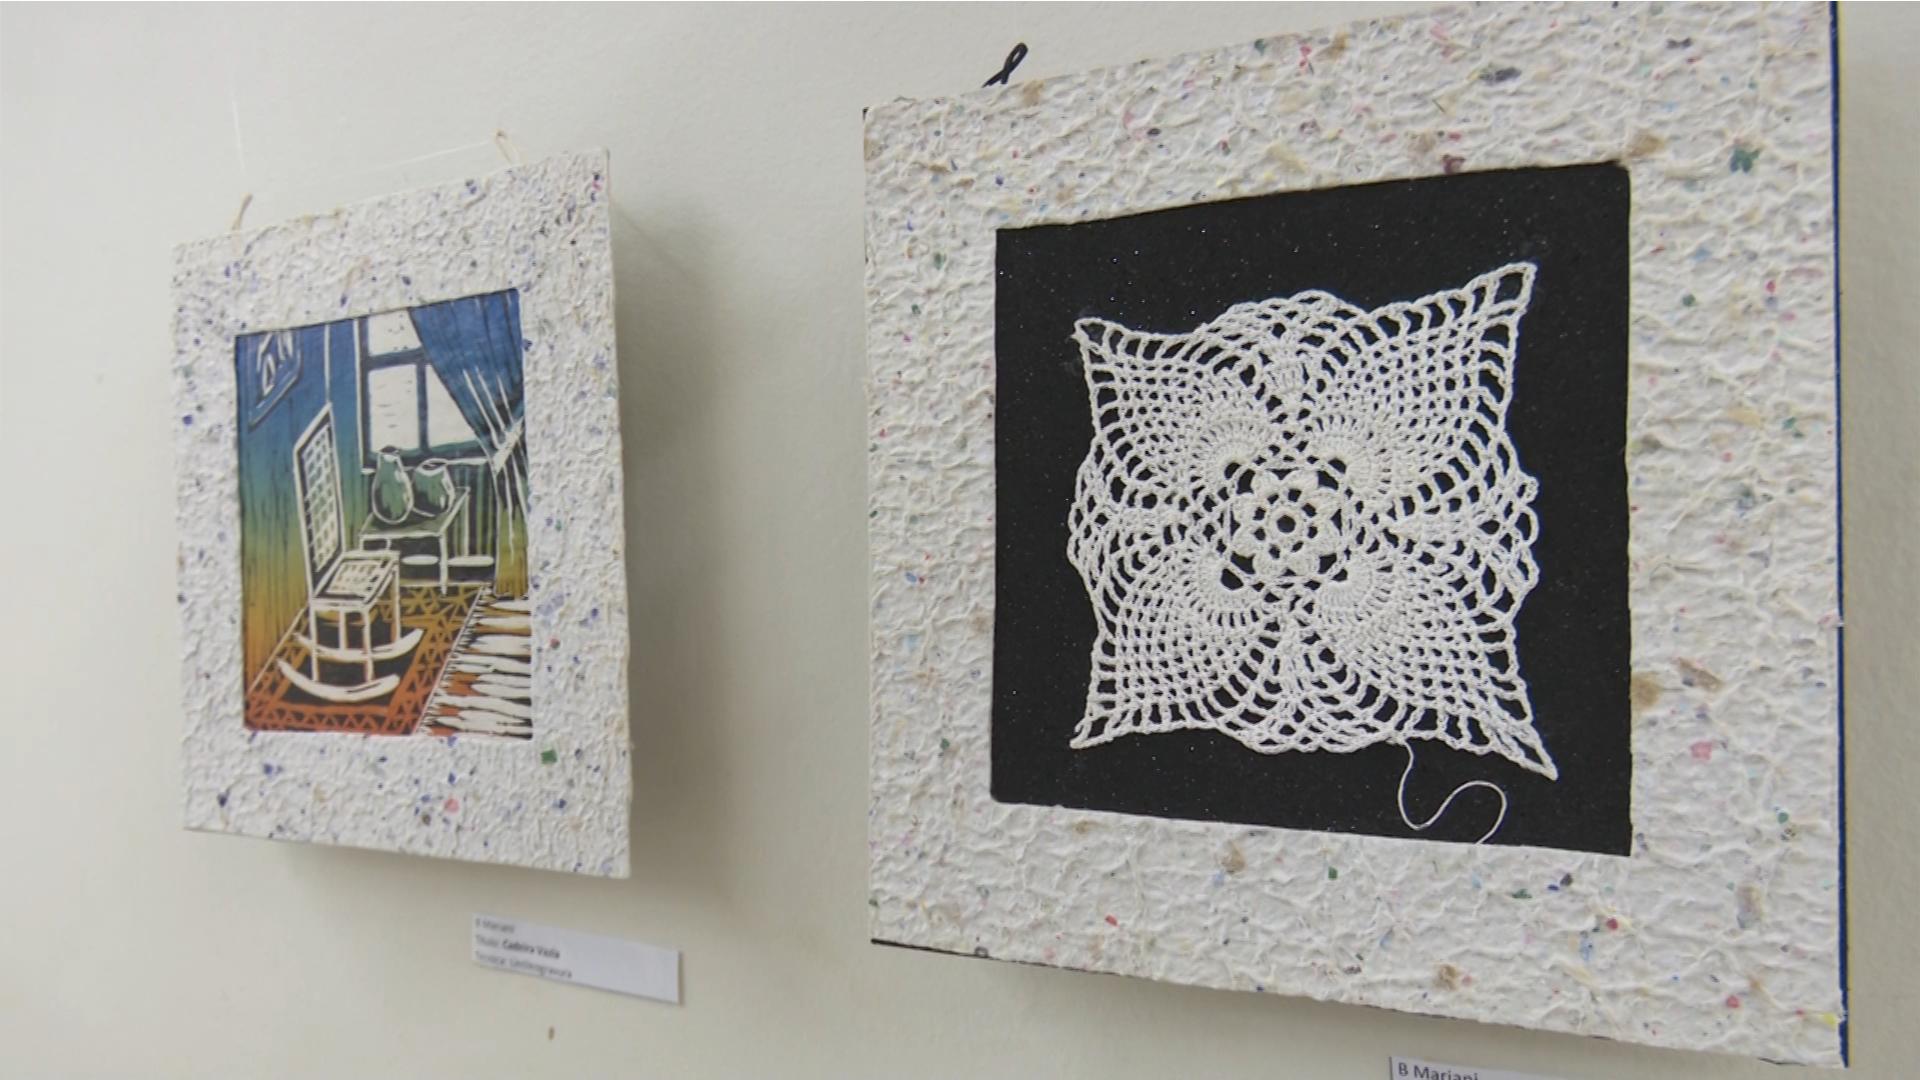 Mostra reúne expressões artísticas em pequenos espaços e a partir de variadas técnicas